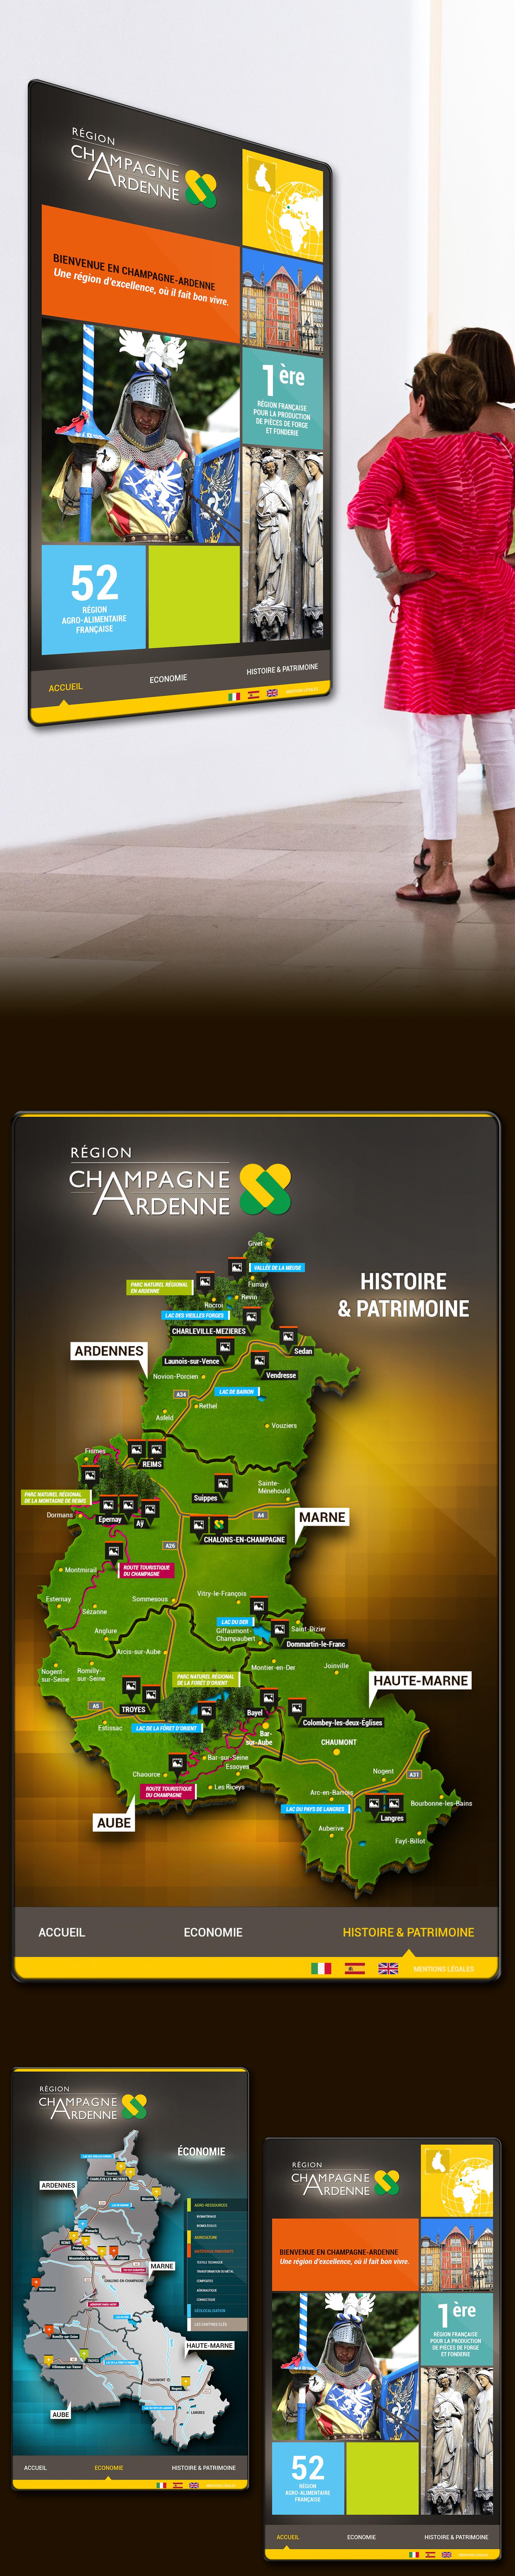 Design d'une application tactile pour l'Office du Tourisme. Cette présentation a pour but de montrer les atouts de la région Champagne-Ardenne tant au niveau touristique et culturel, qu'au niveau économique - Agence de Design Regliss.com #design #tactile #touch #application